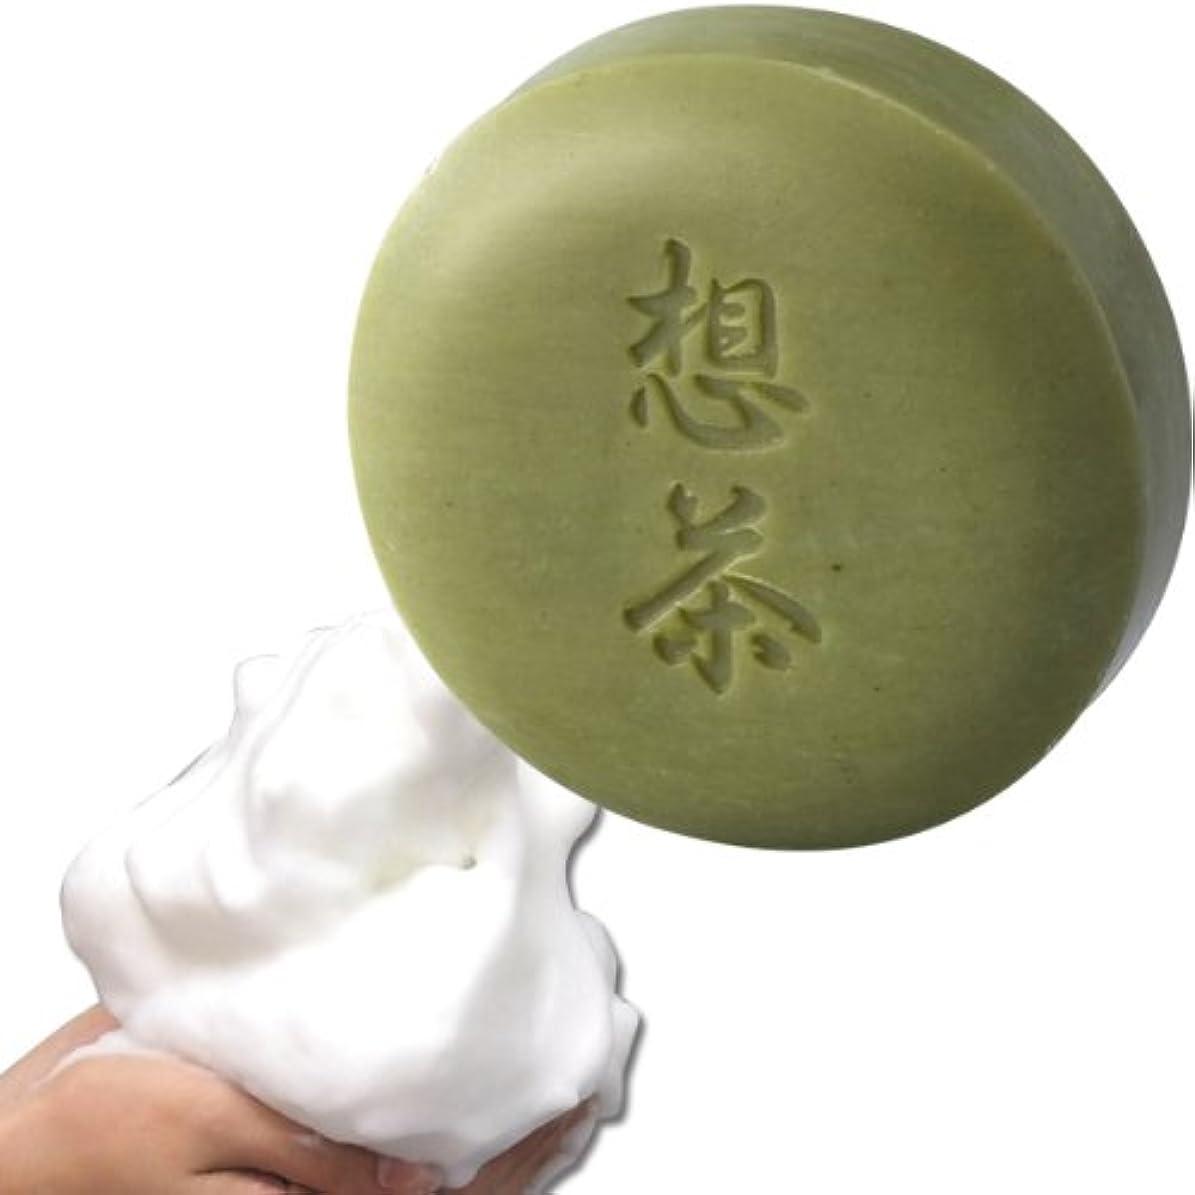 不毛インシュレータ職業想茶石鹸 100g(お茶屋さんが作ったお茶石鹸)